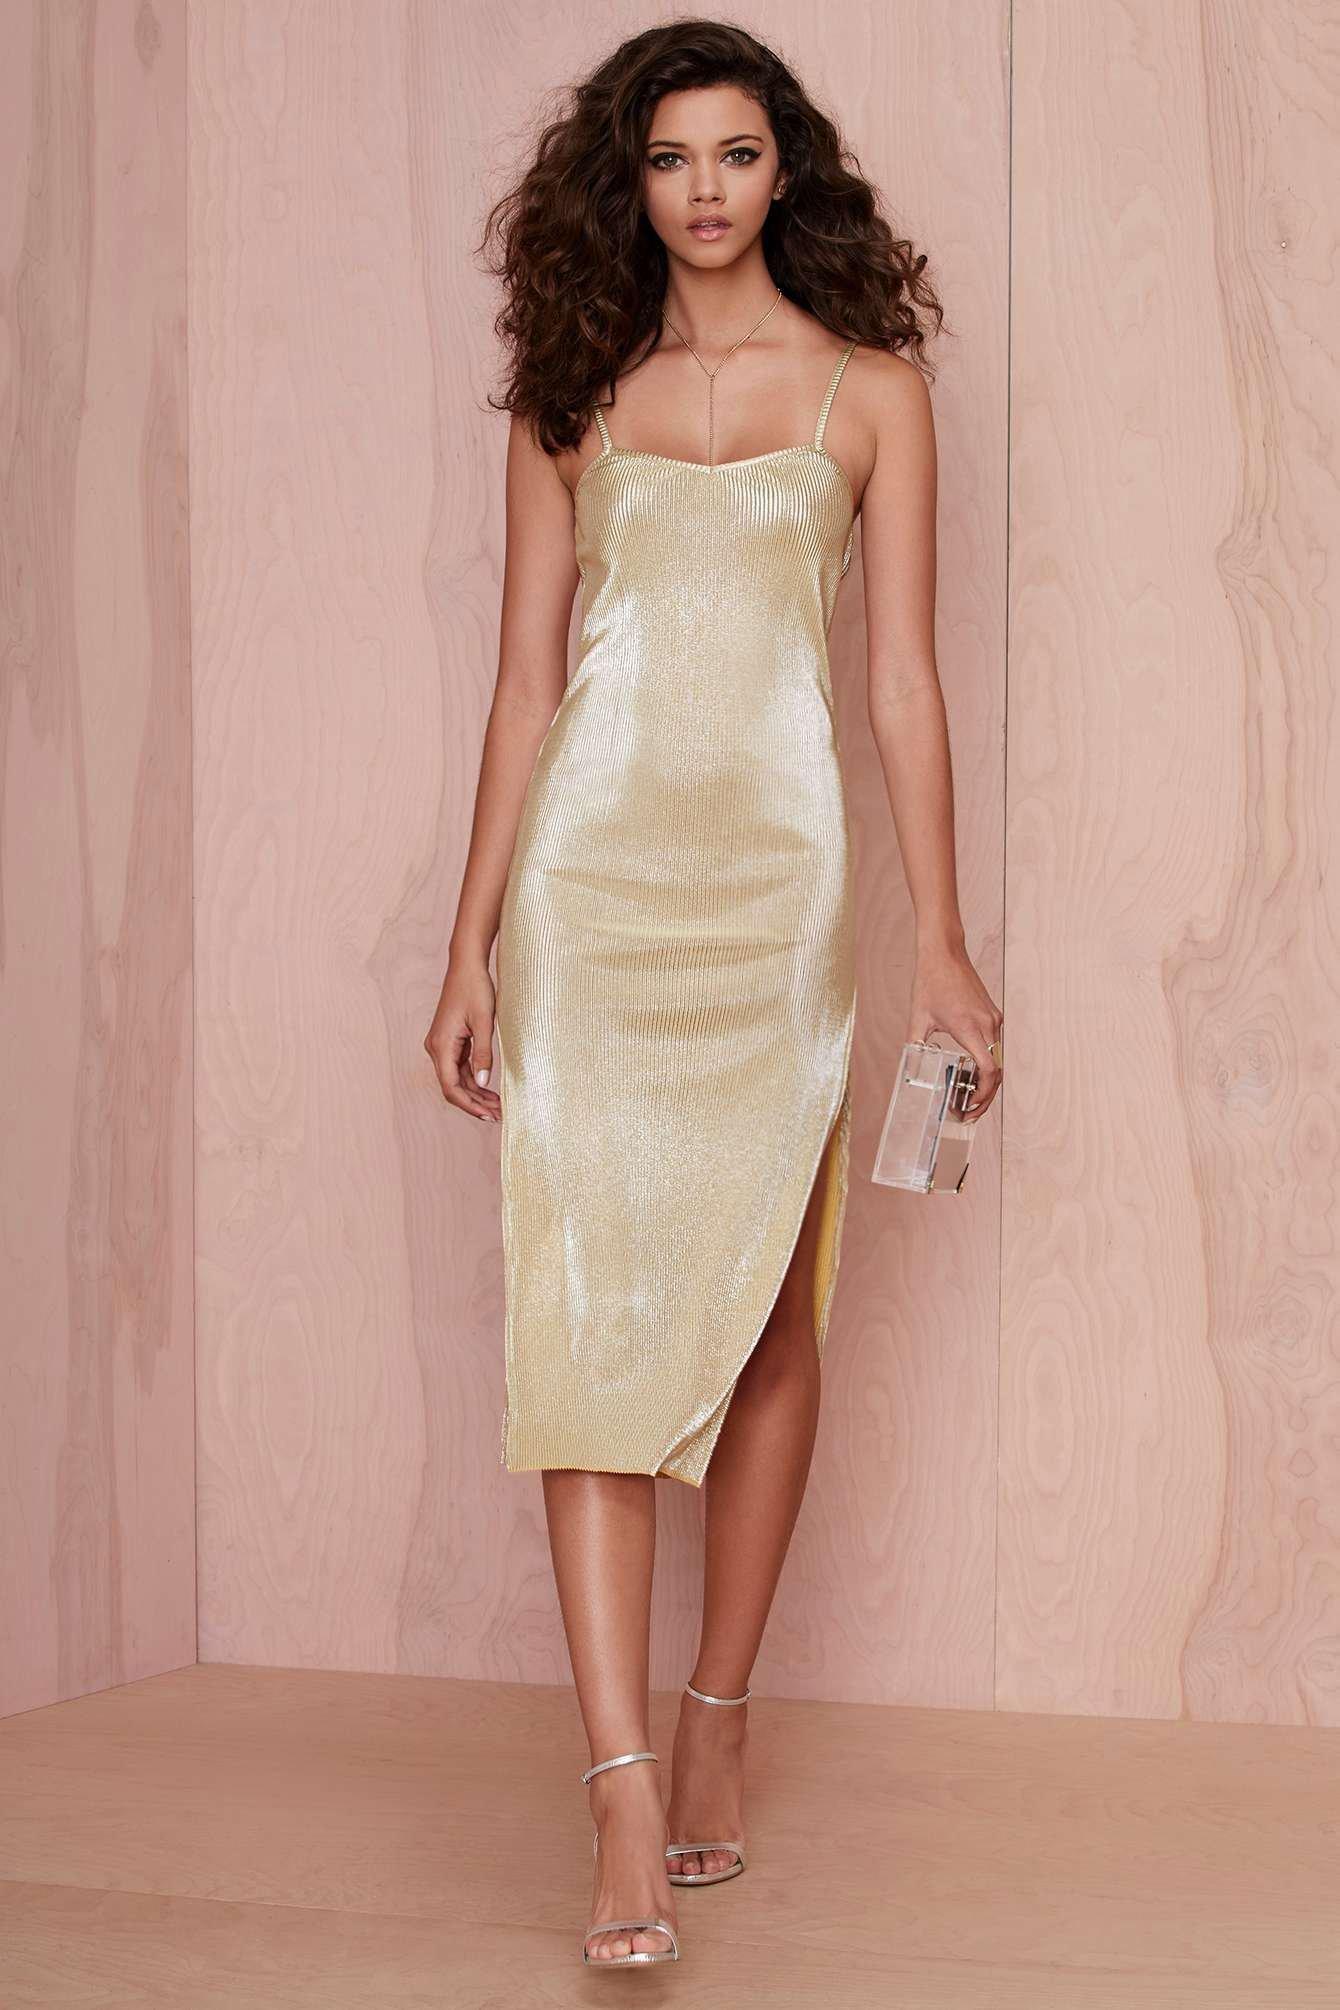 Cómo combinar un vestido dorado en 2018 (214 formas) | Moda para Mujer